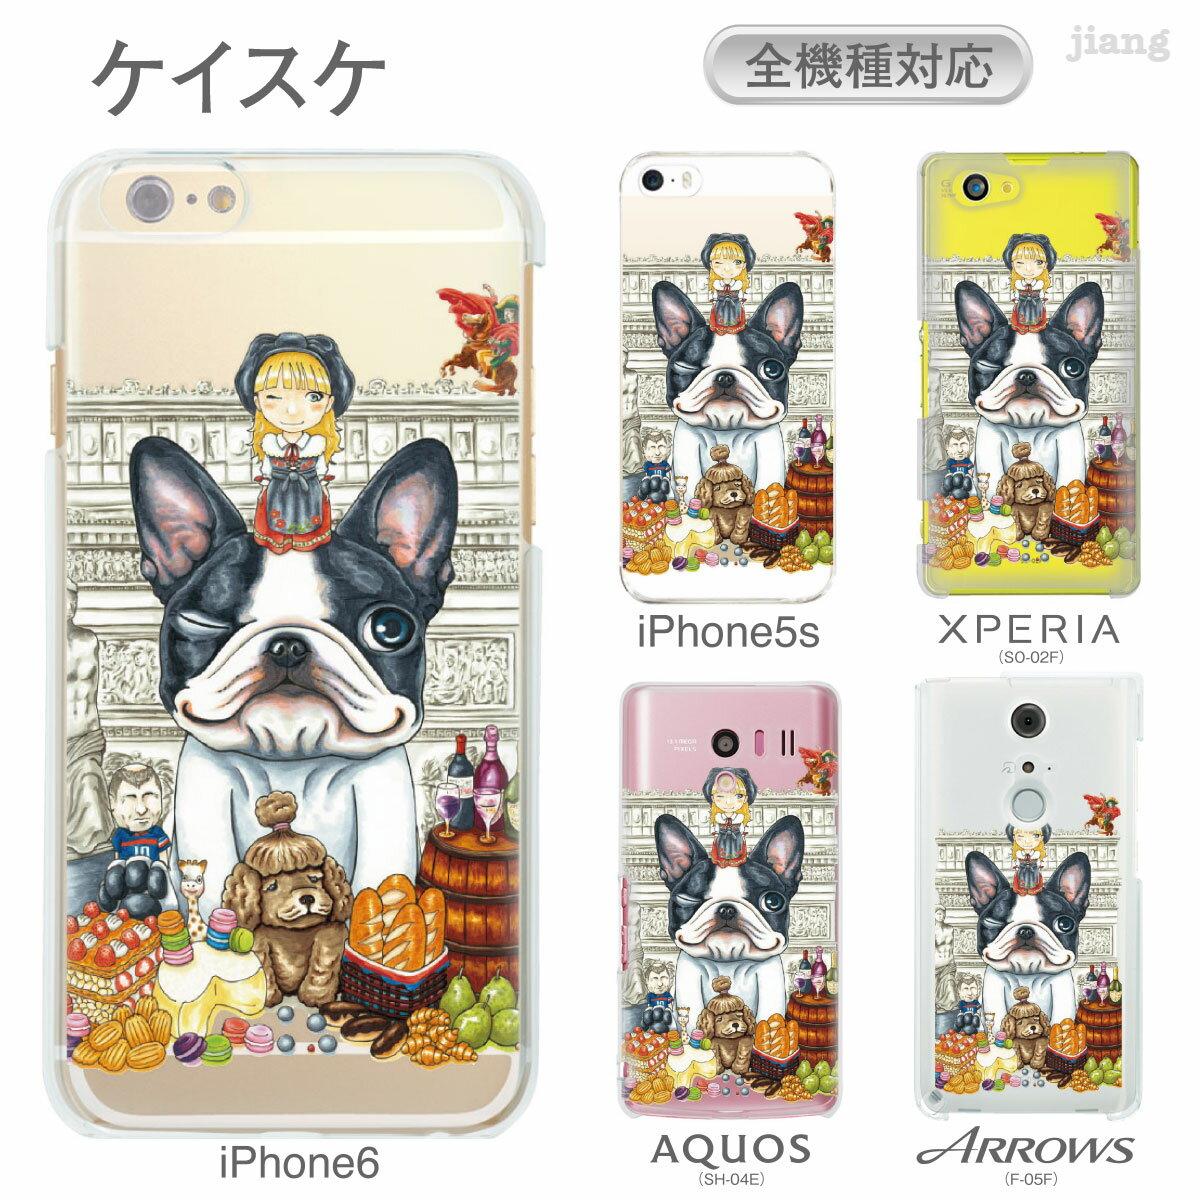 スマホケース 全機種対応 ケース カバー ハードケース クリアケースiPhoneX iPhone8 iPhone7s Plus iPhone7 iPhone6s iPhone6 Plus iPhone SE 5s Xperia XZ1 SO-01K SO-02K XZ so-04j XZs so-03j aquos R SH-01K SHV41 けいすけ フレンチブルドッグ 86-zen-ca0002